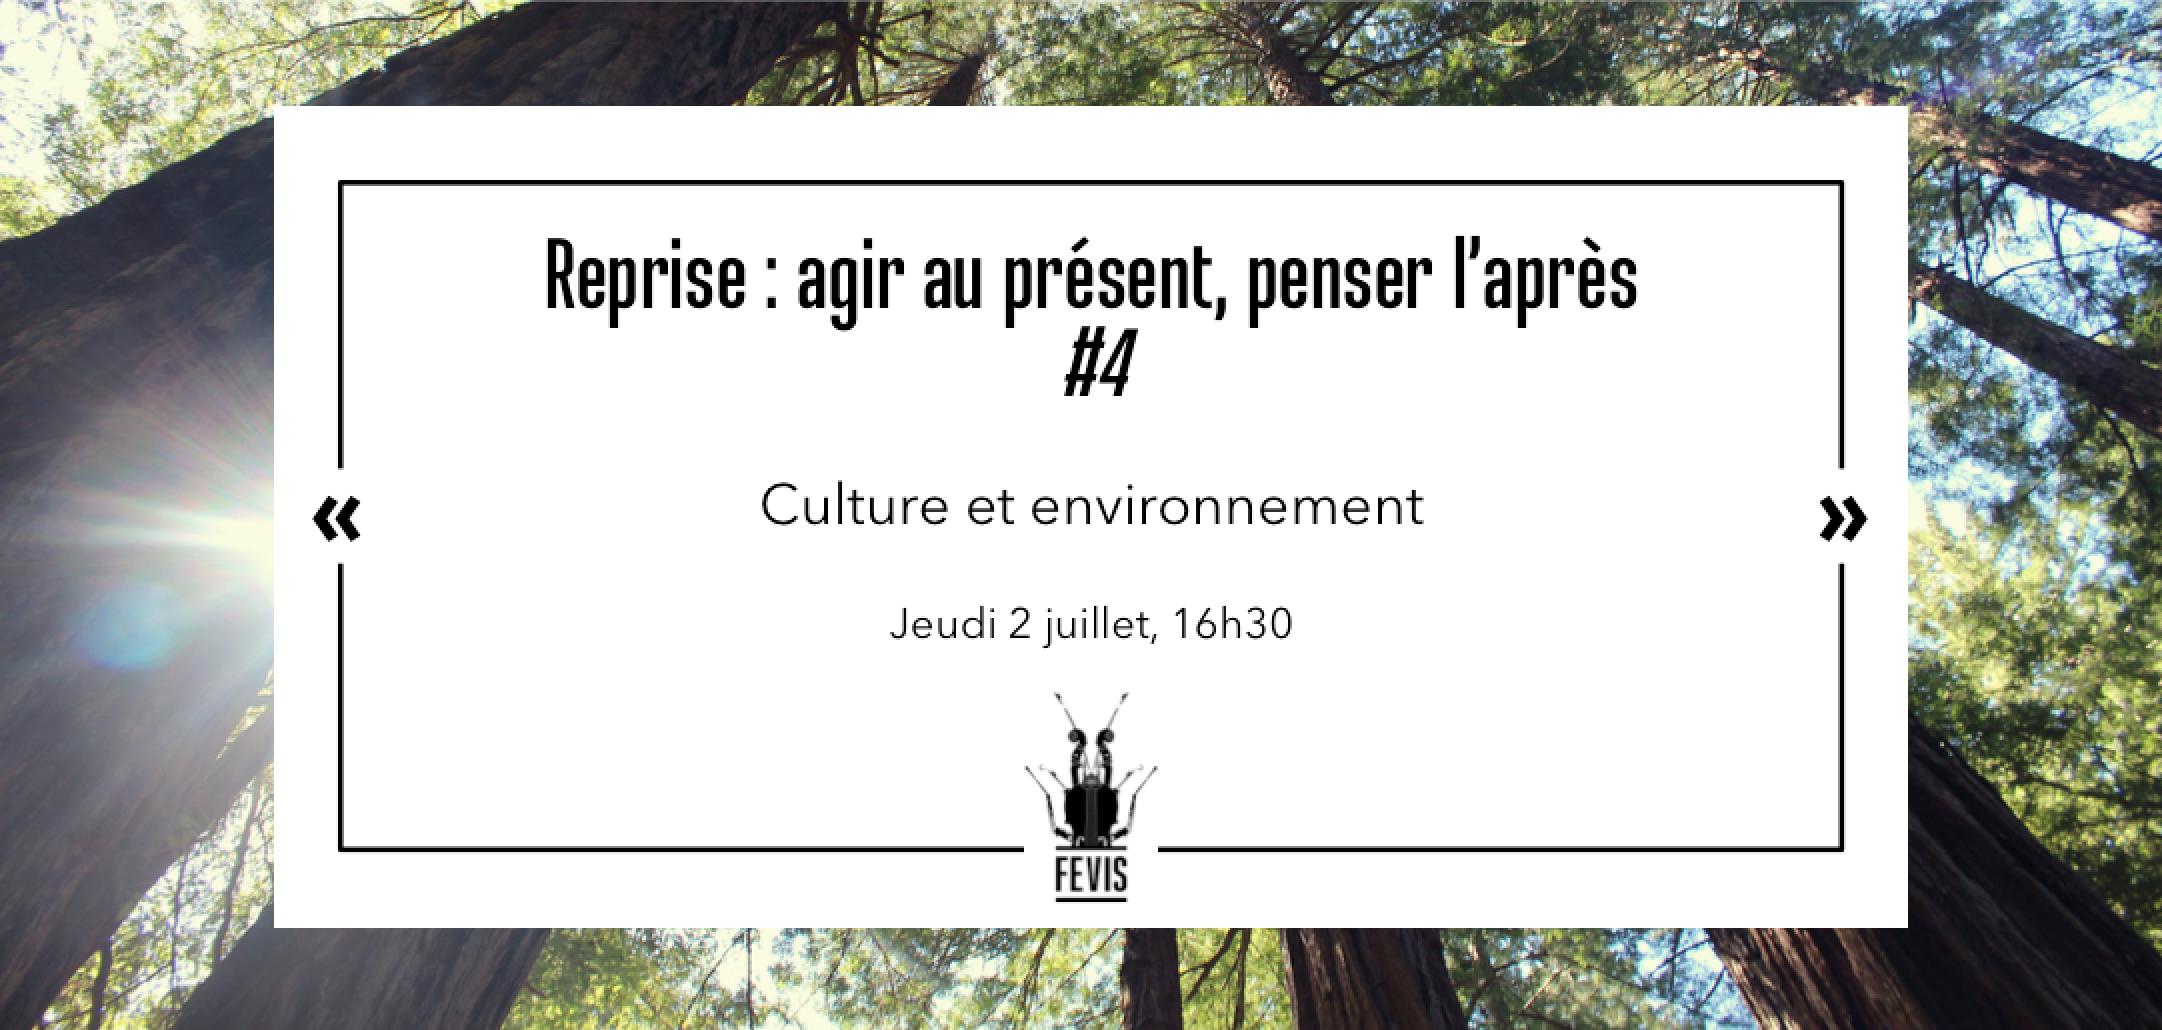 Reprise : agir au présent, penser l'après #4 : Culture et Environnement